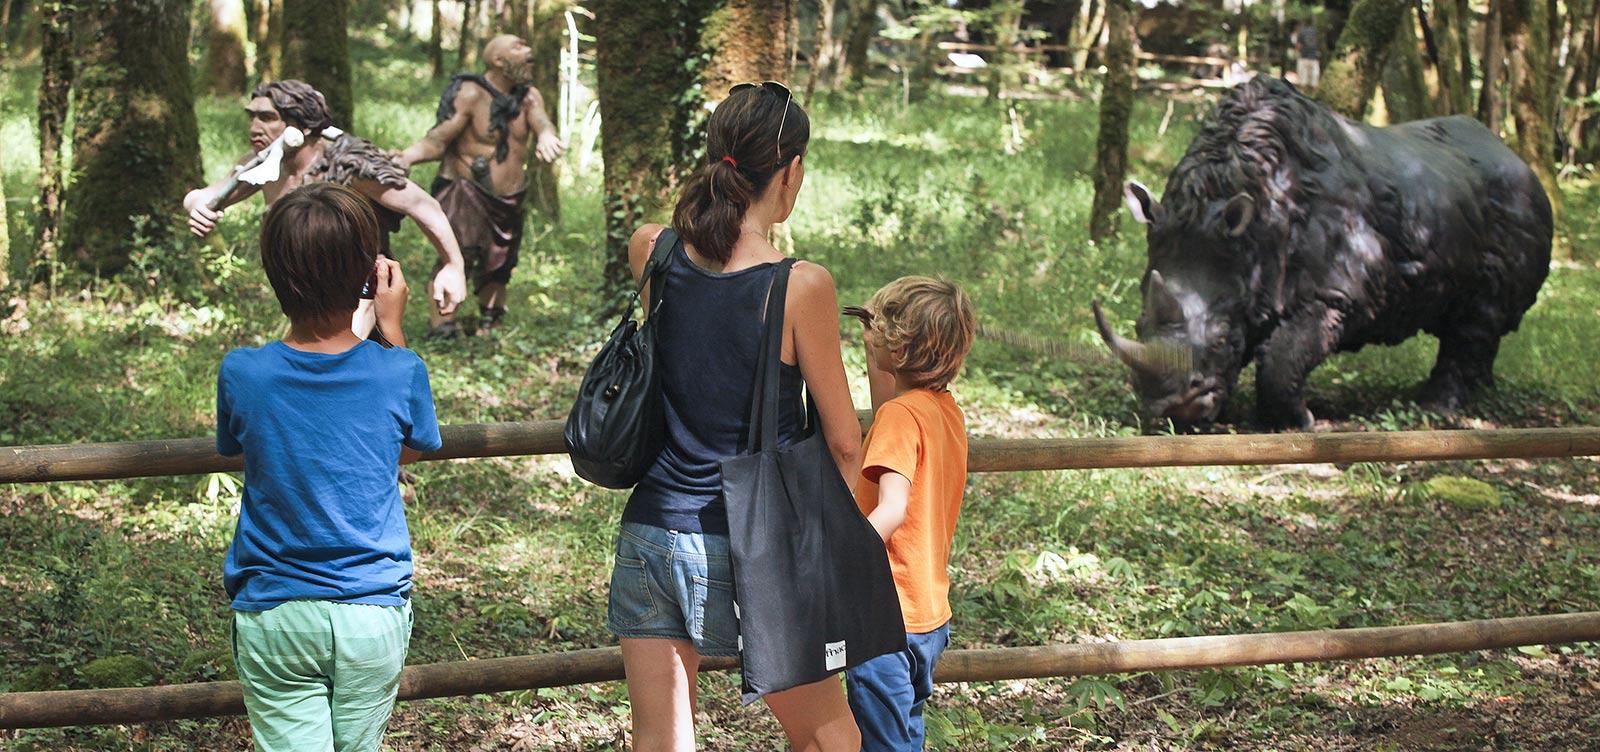 Rhinocéros laineux - La Préhistoire comme si vous y étiéz de Neandertal à Cro-Magnon